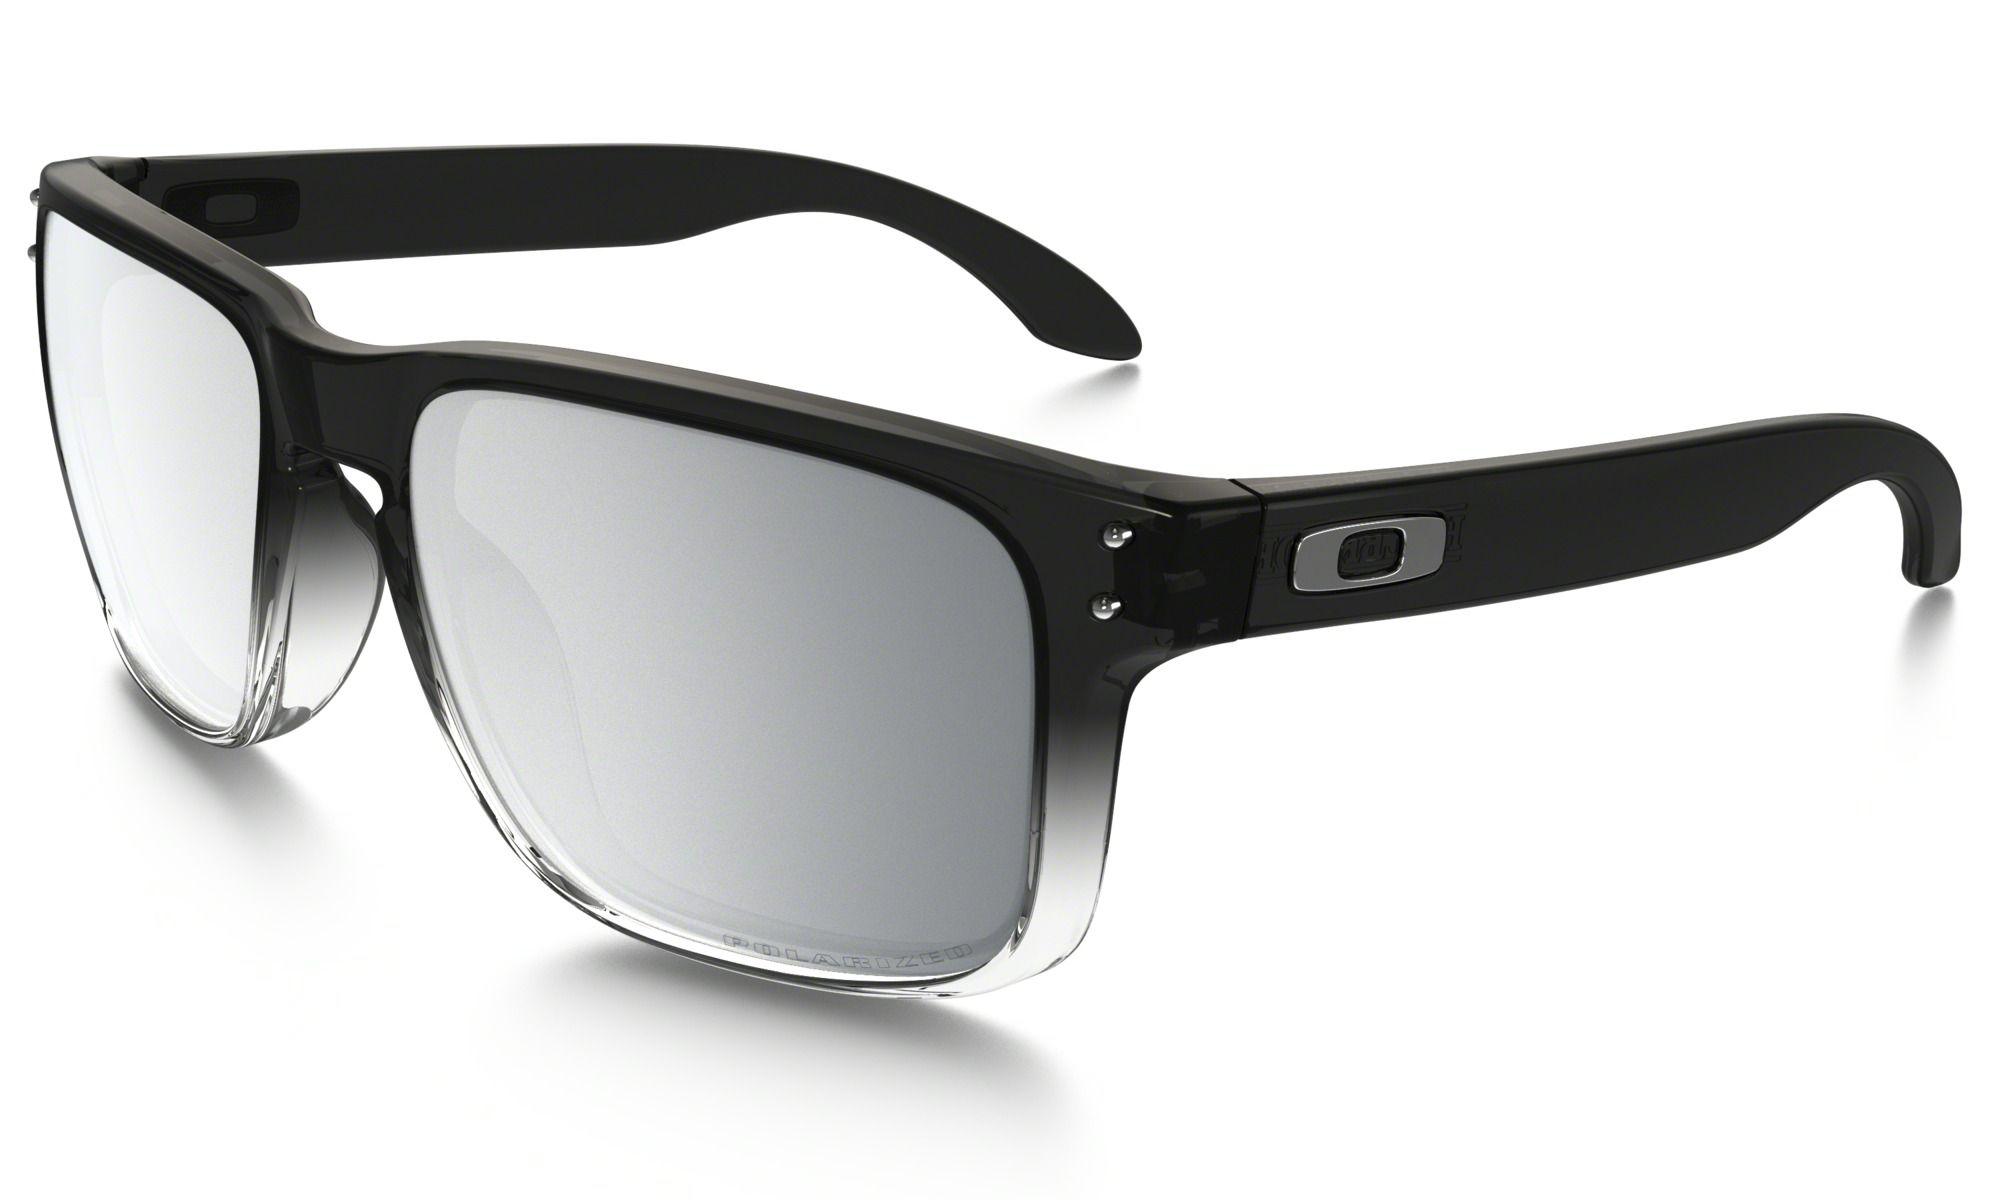 5c1e972e80 Las lentes PLUTONITE ® ofrecen una protección UV superior que filtra el  100% de todos